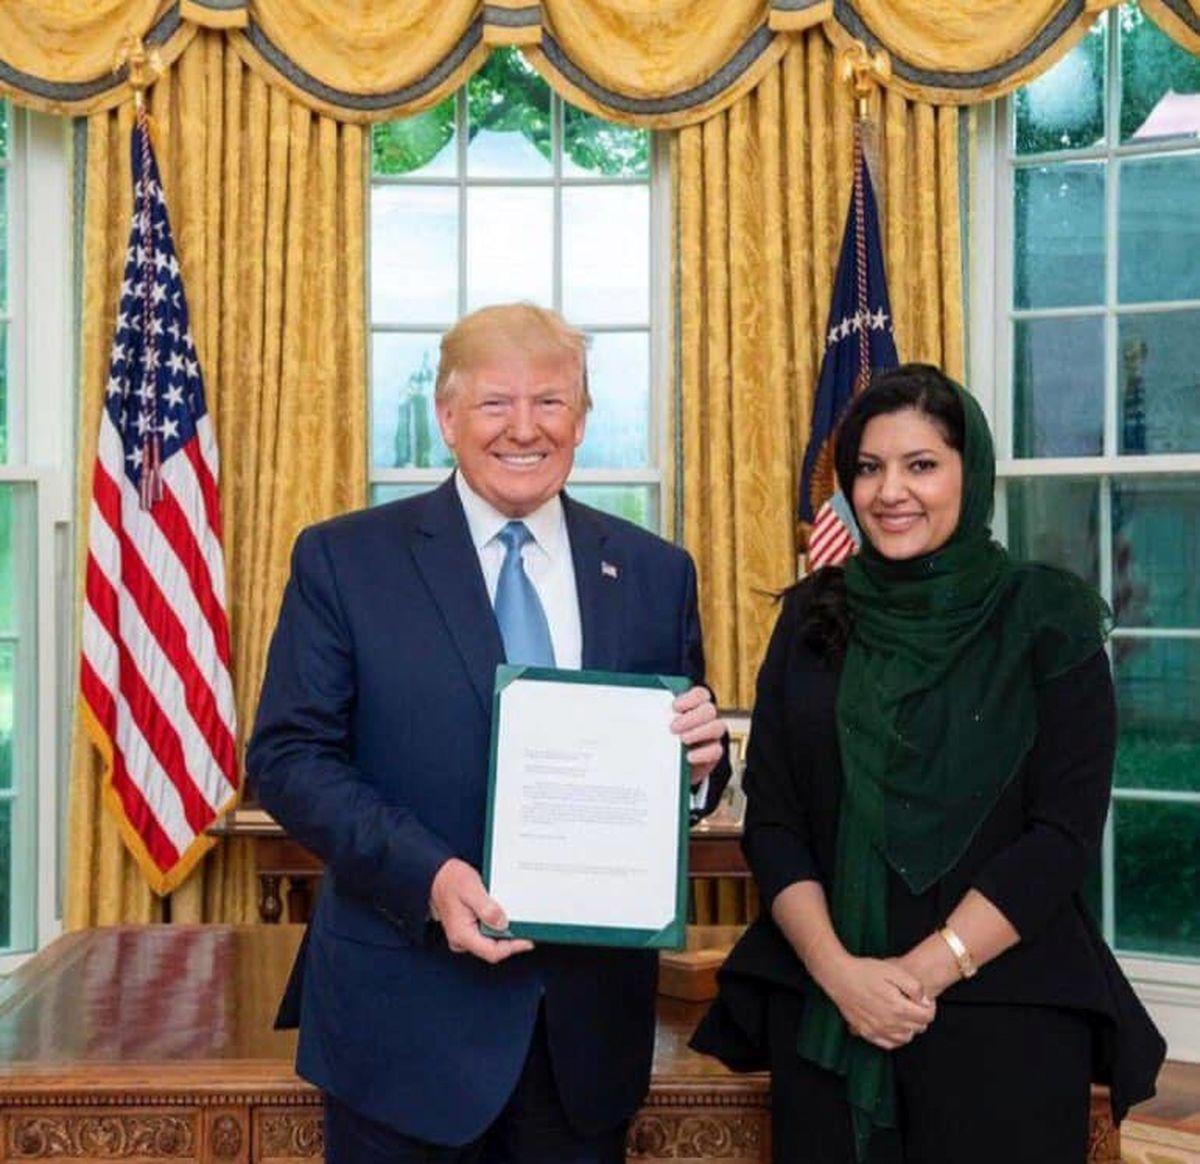 سفیر جدید عربستان در آمریکا استوارنامه خود را به ترامپ داد